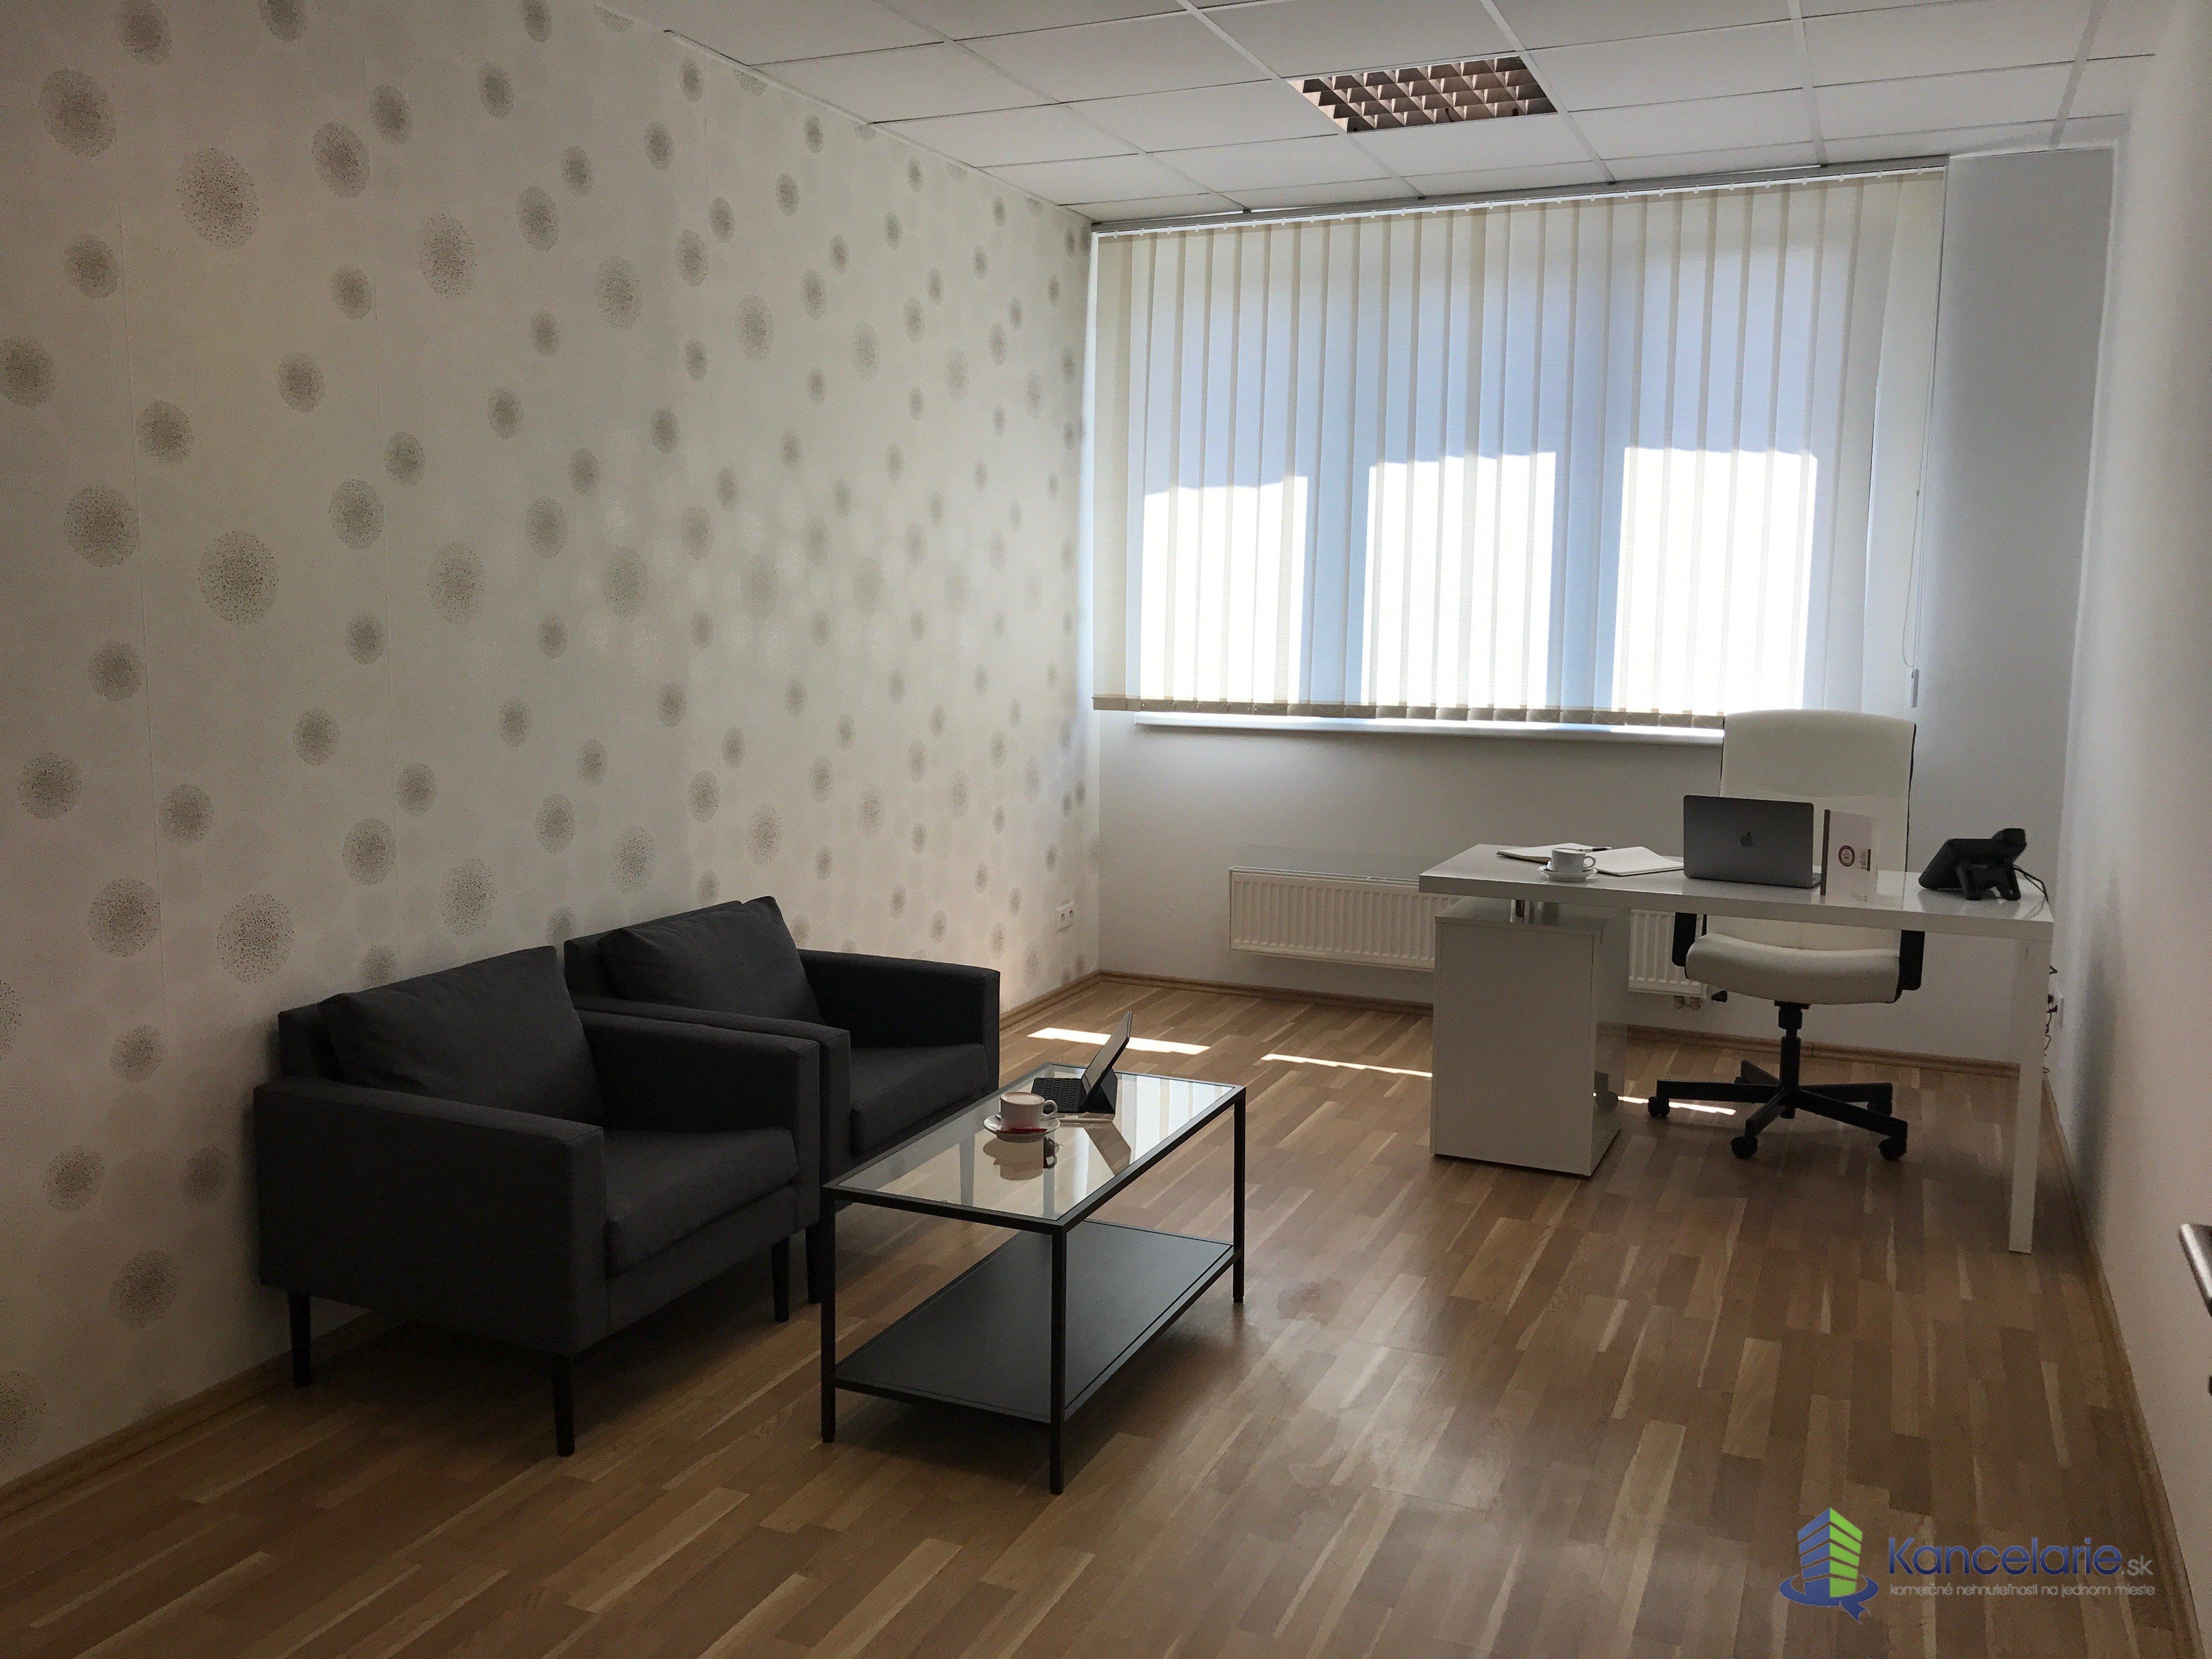 PANA TRADE CENTER, Kancelária na 2.poschodí biznis centra, Mierová 2149/202, Bratislava